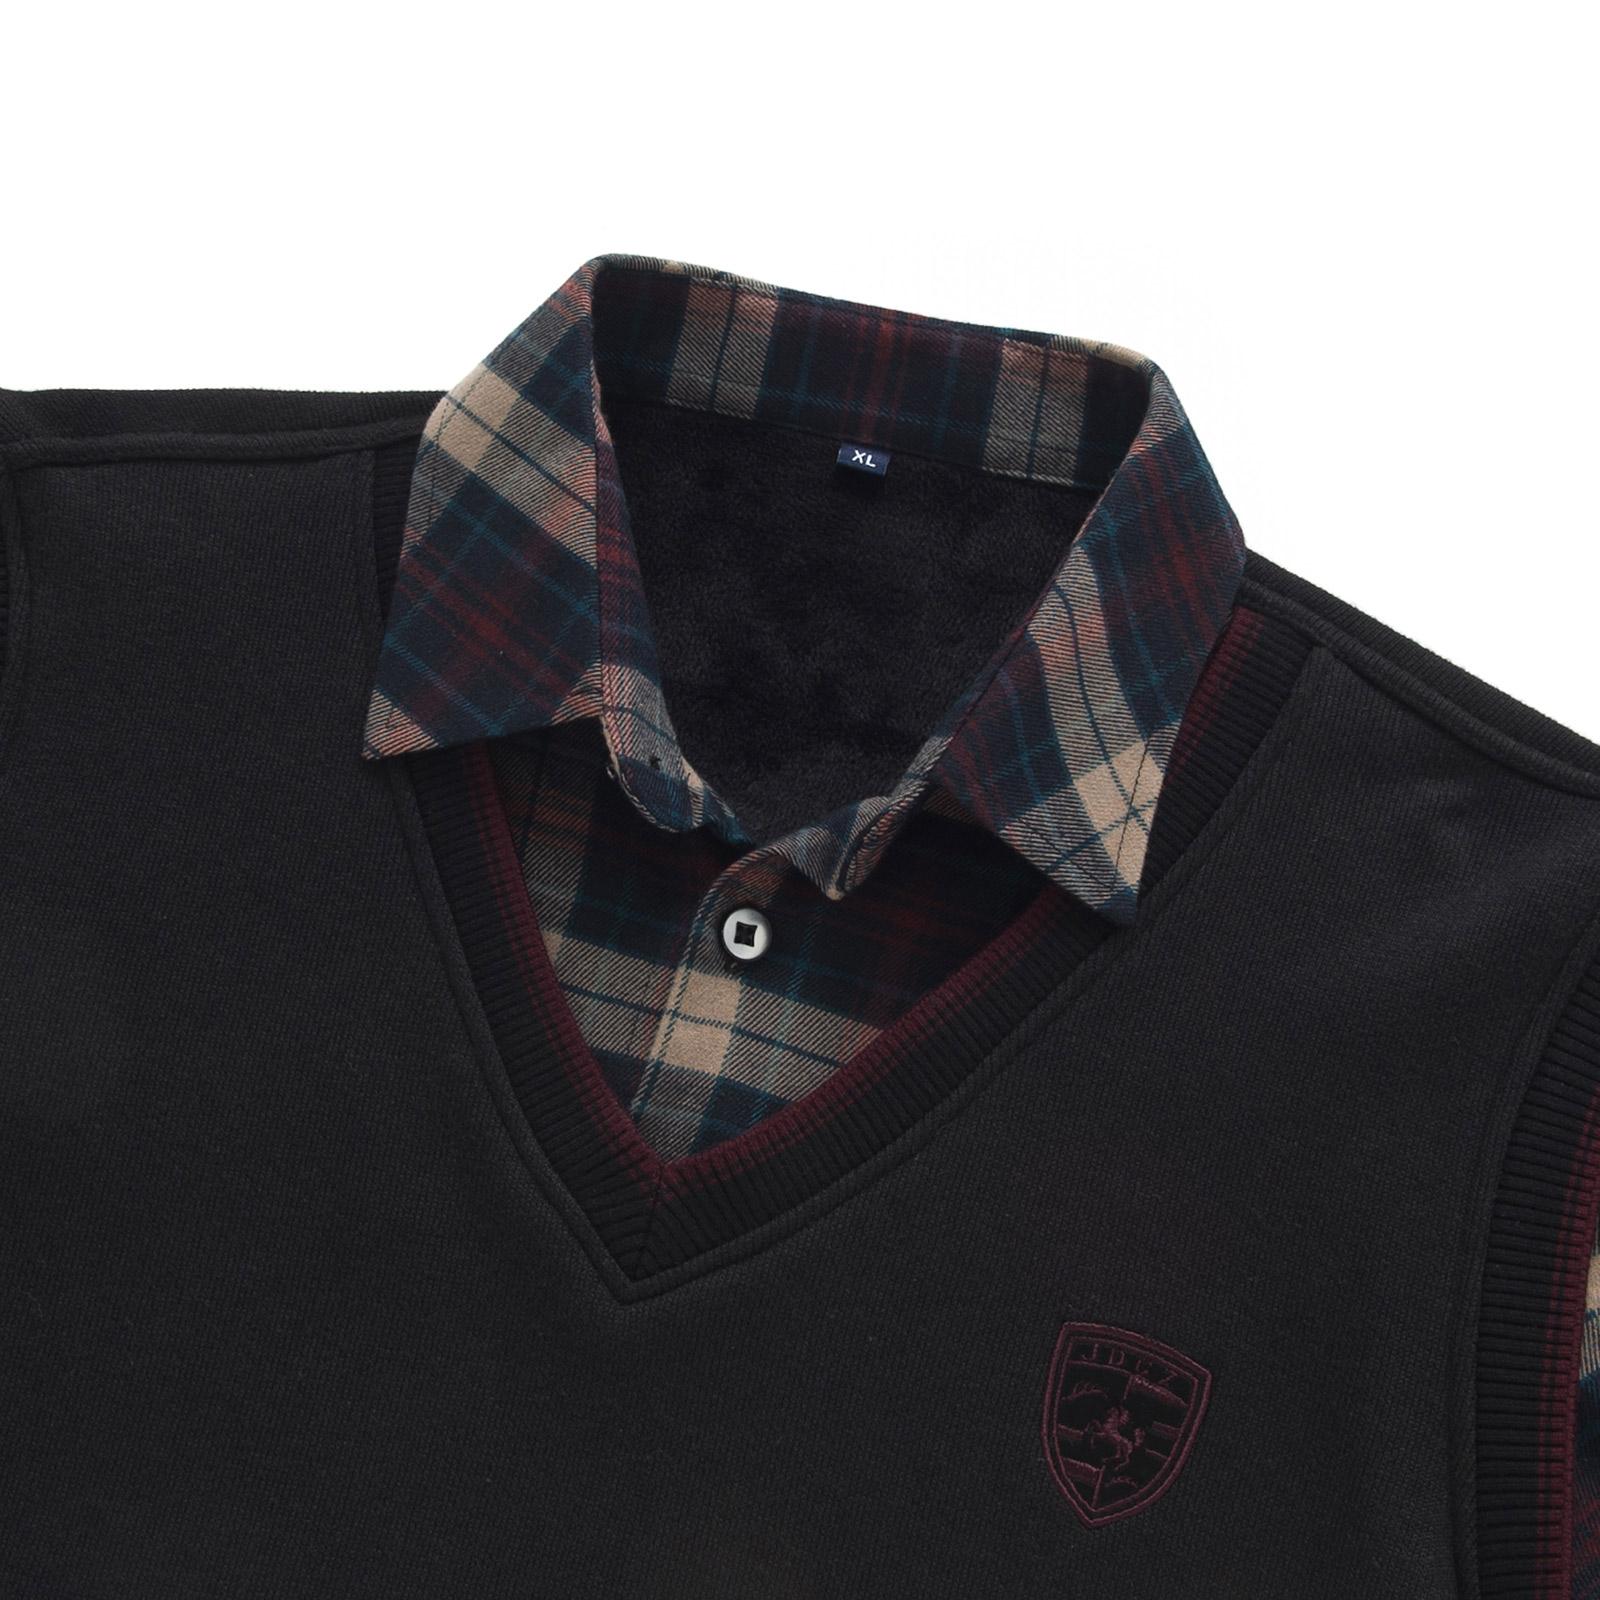 теплая пижама Sheewa 55135a Для молодых мужчин Полиэстер Длинный рукав V-образный вырез